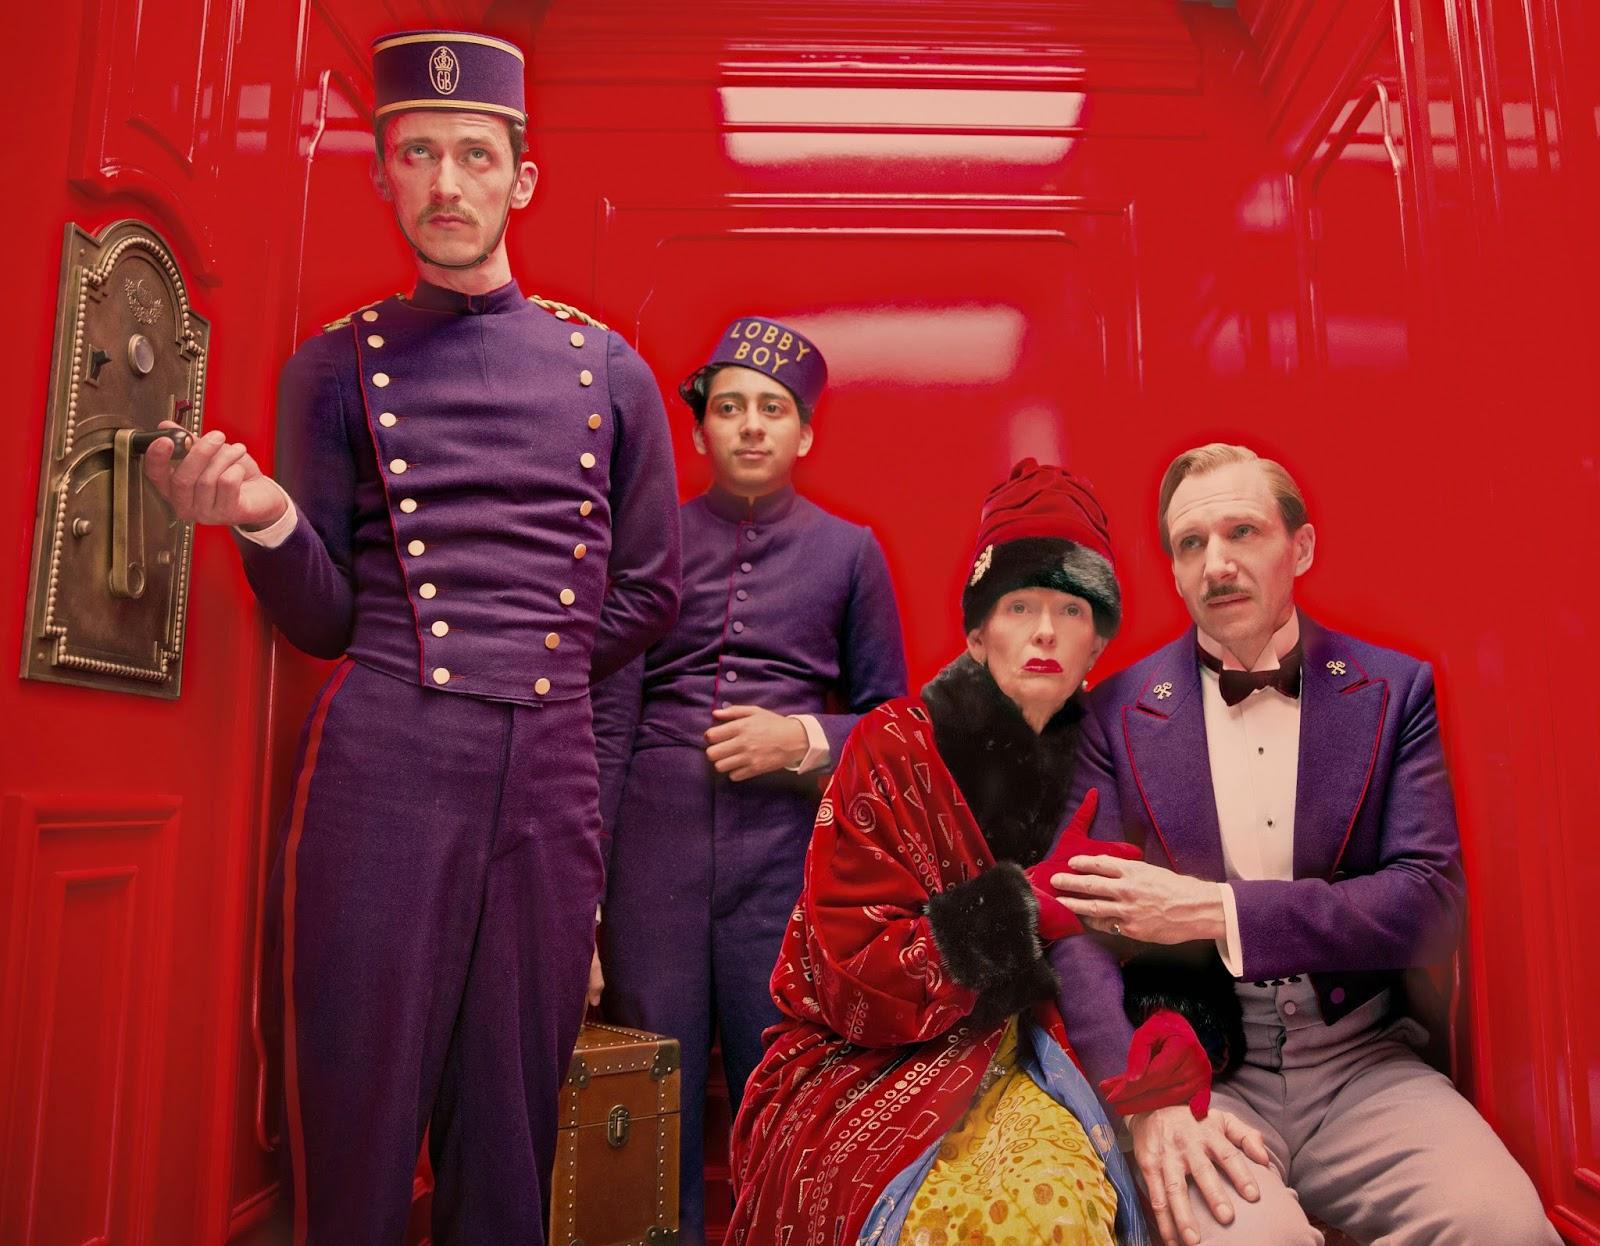 Los colores, uno de los elementos característicos del filme